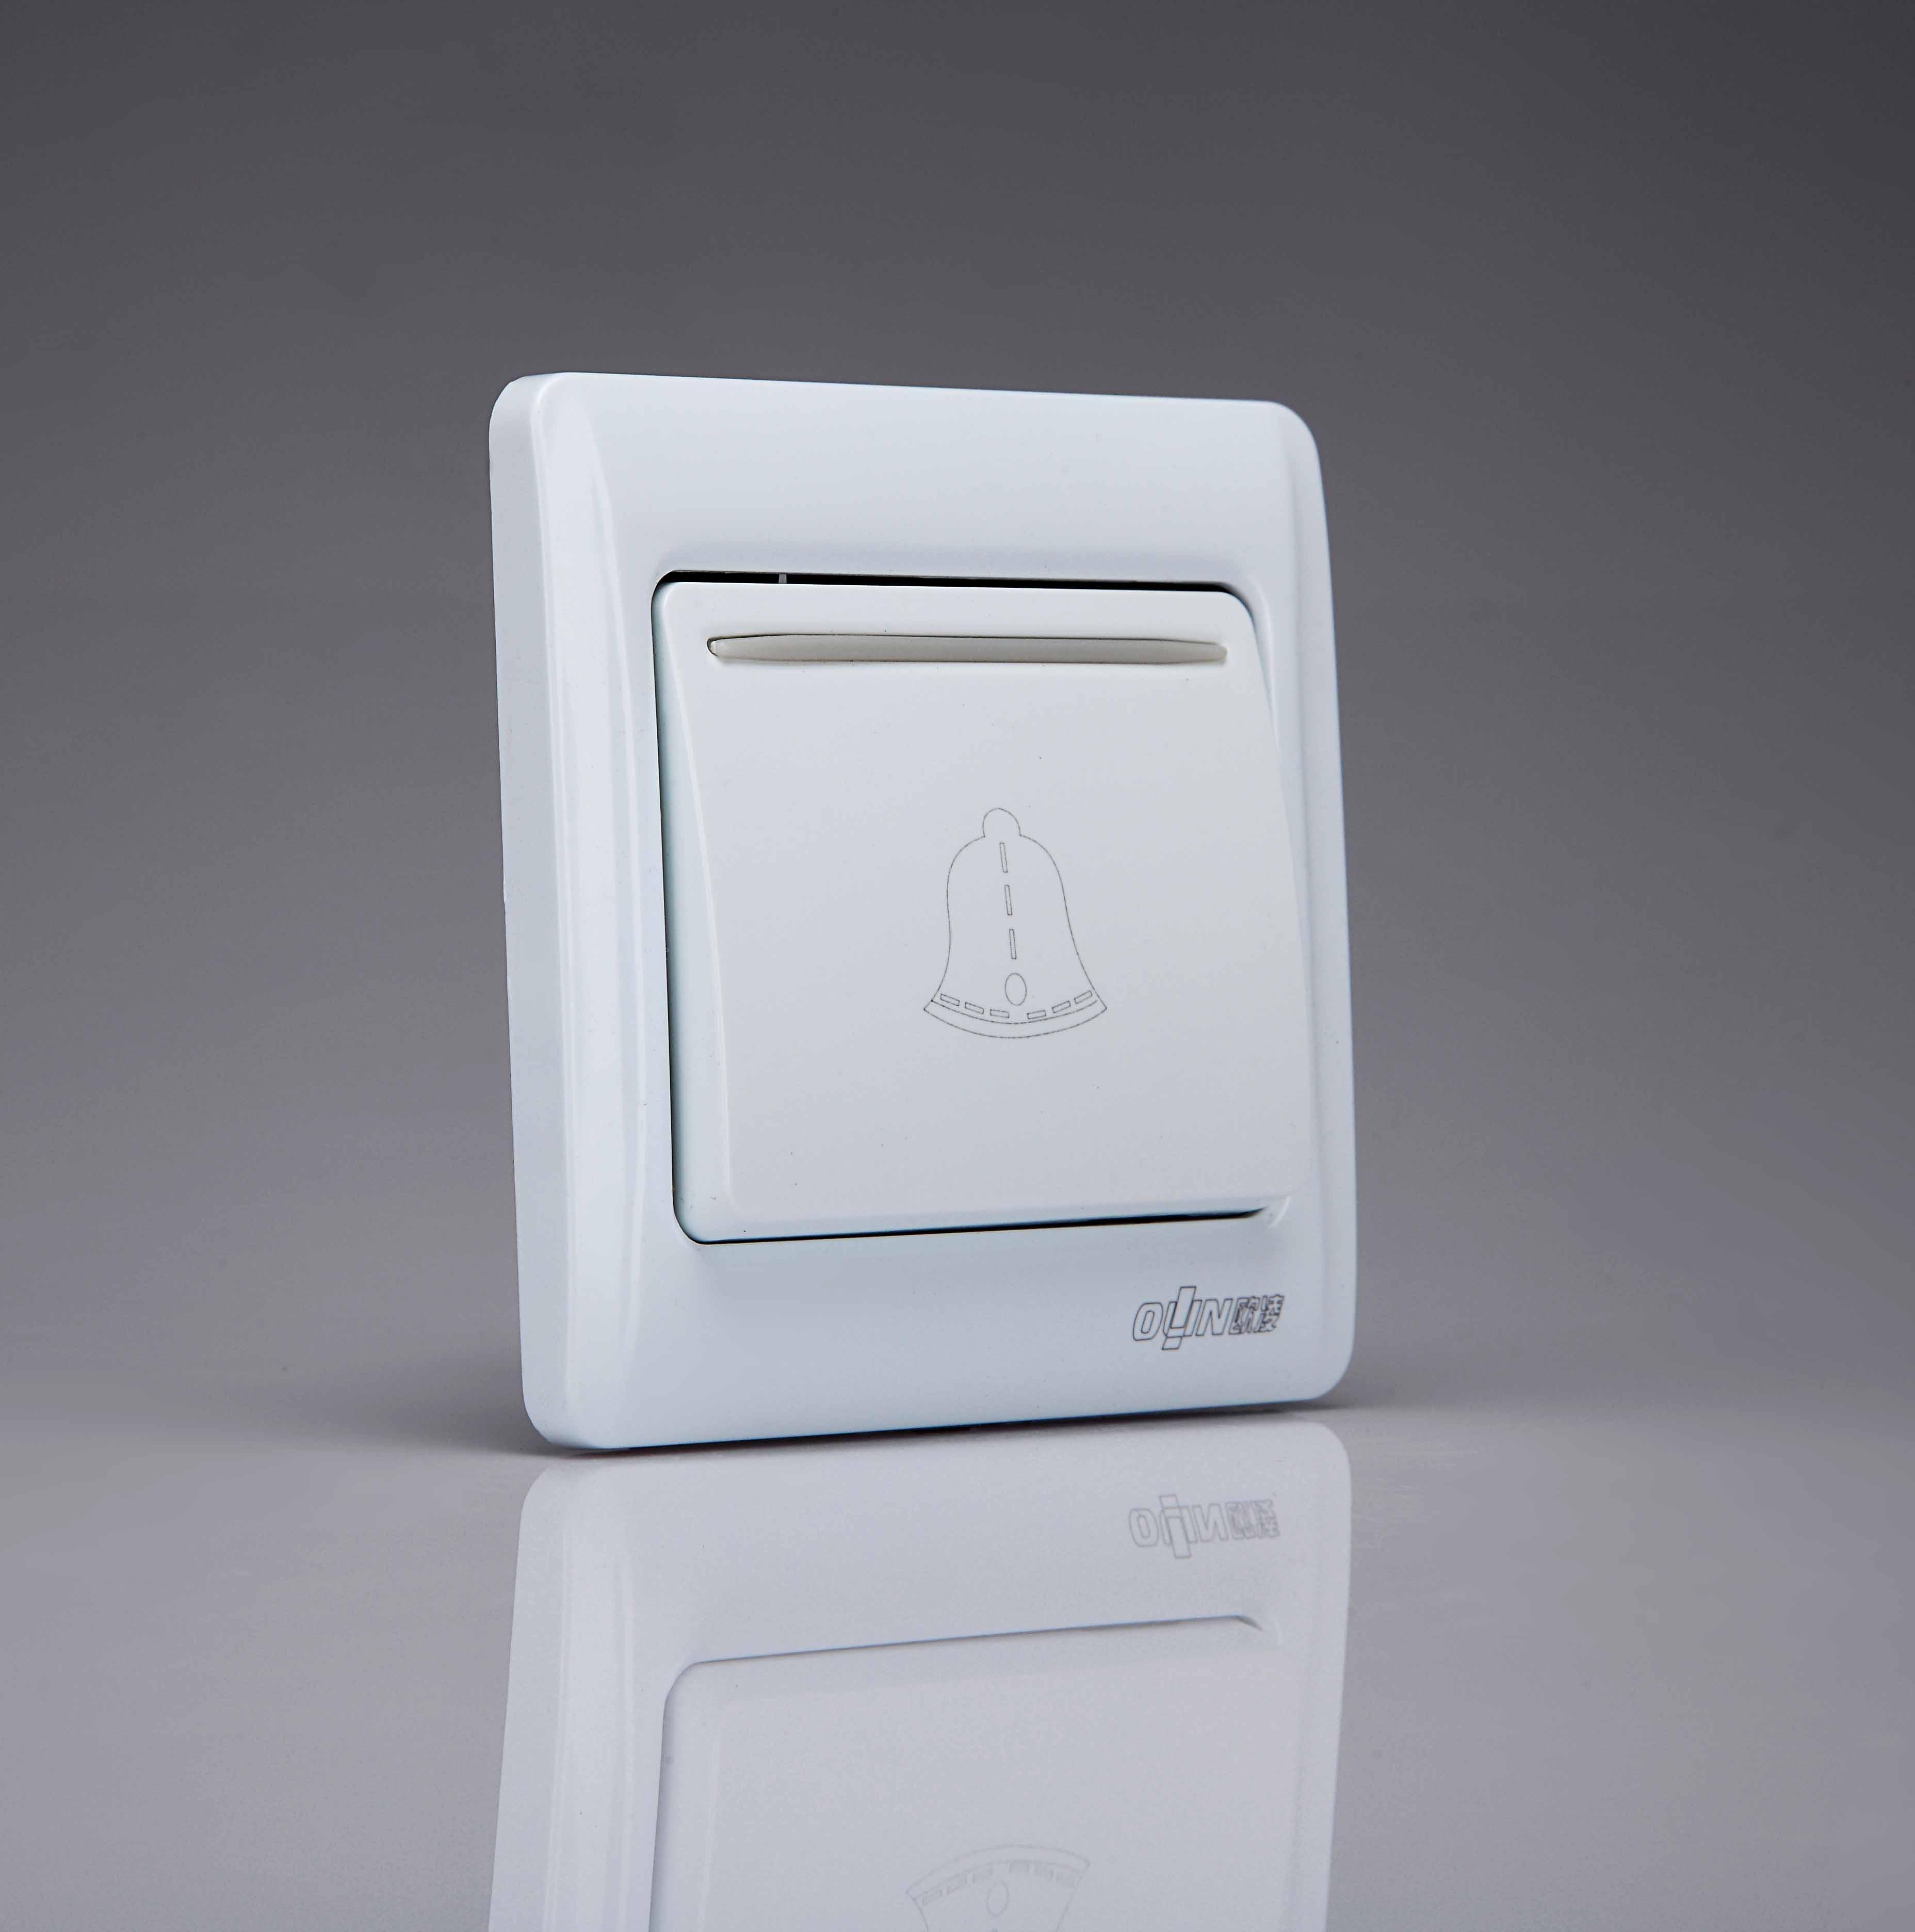 Panneau de commutation de type bouton de sonnette de porte de Réinitialisation automatique de 86 sonnette sans fil avec lampe témoin de moins de 10 yuan d'affranchissement